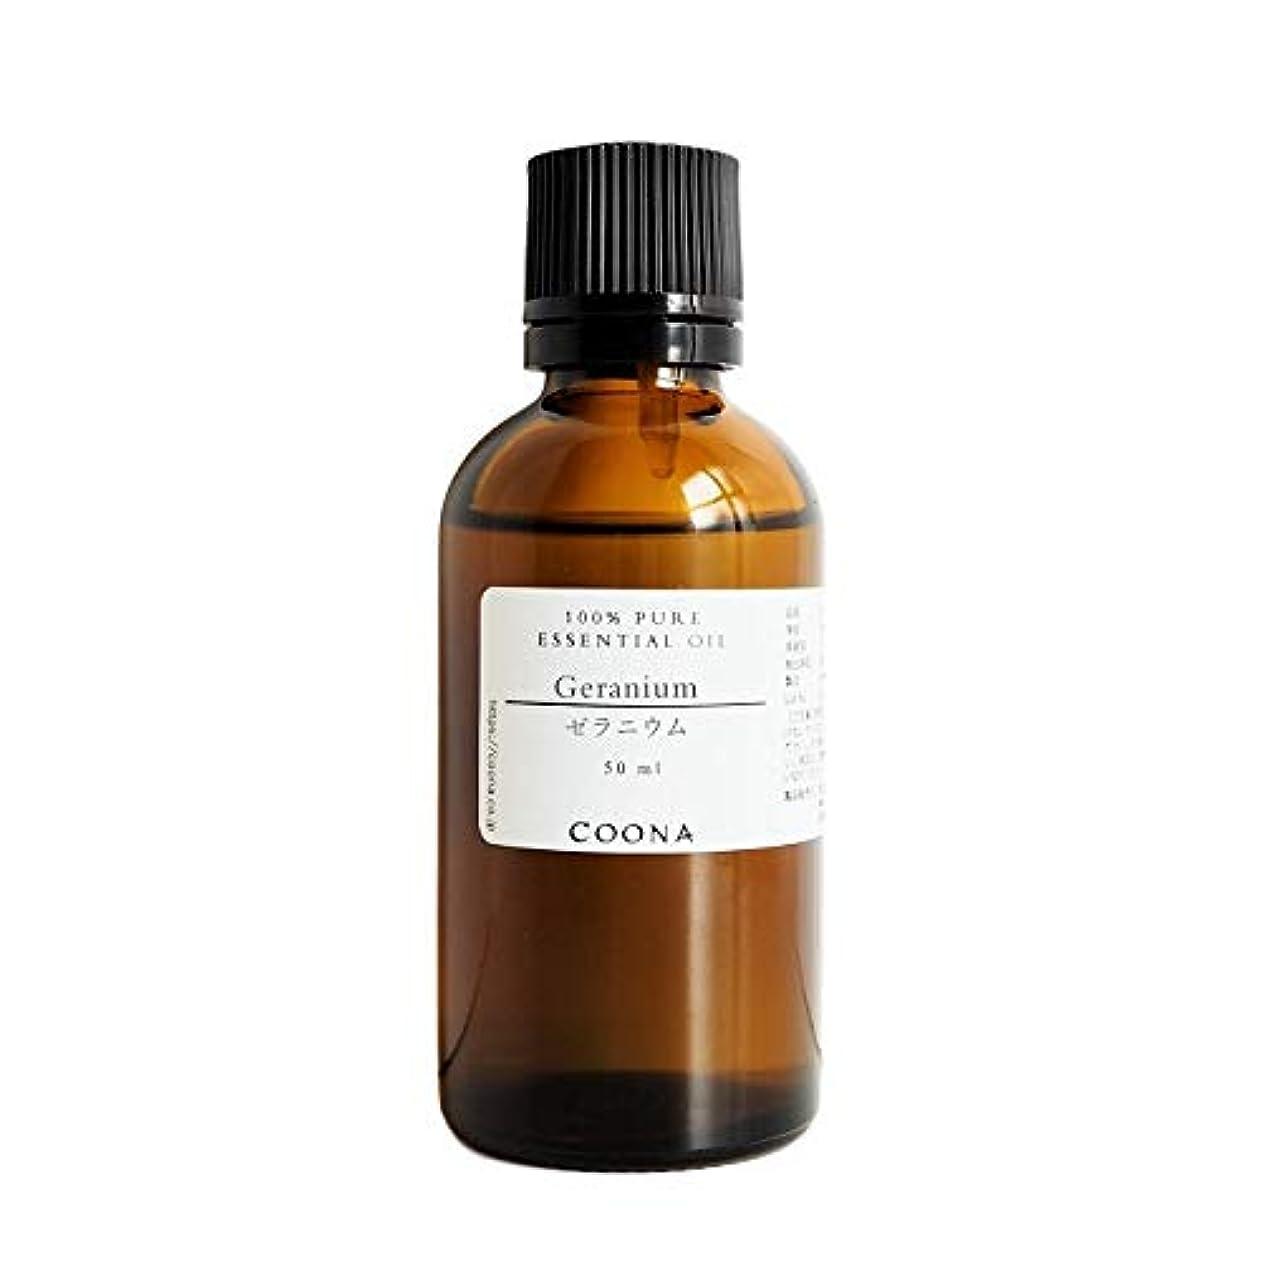 拷問リーフレット内陸ゼラニウム 50 ml (COONA エッセンシャルオイル アロマオイル 100%天然植物精油)